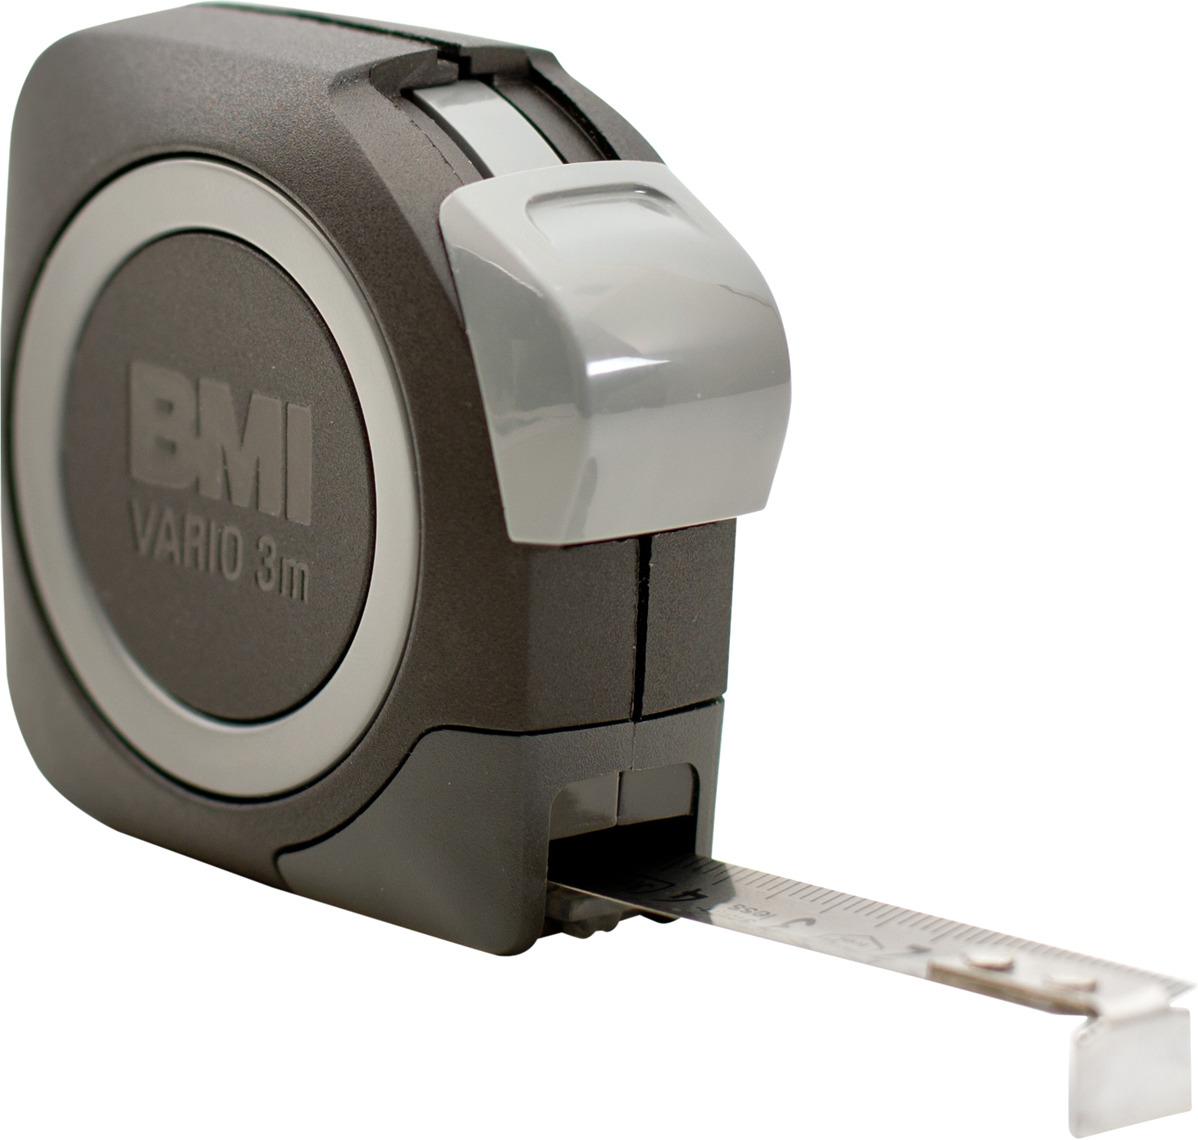 Измерительная рулетка BMI Vario Rostfrei, 411343120, 3 м